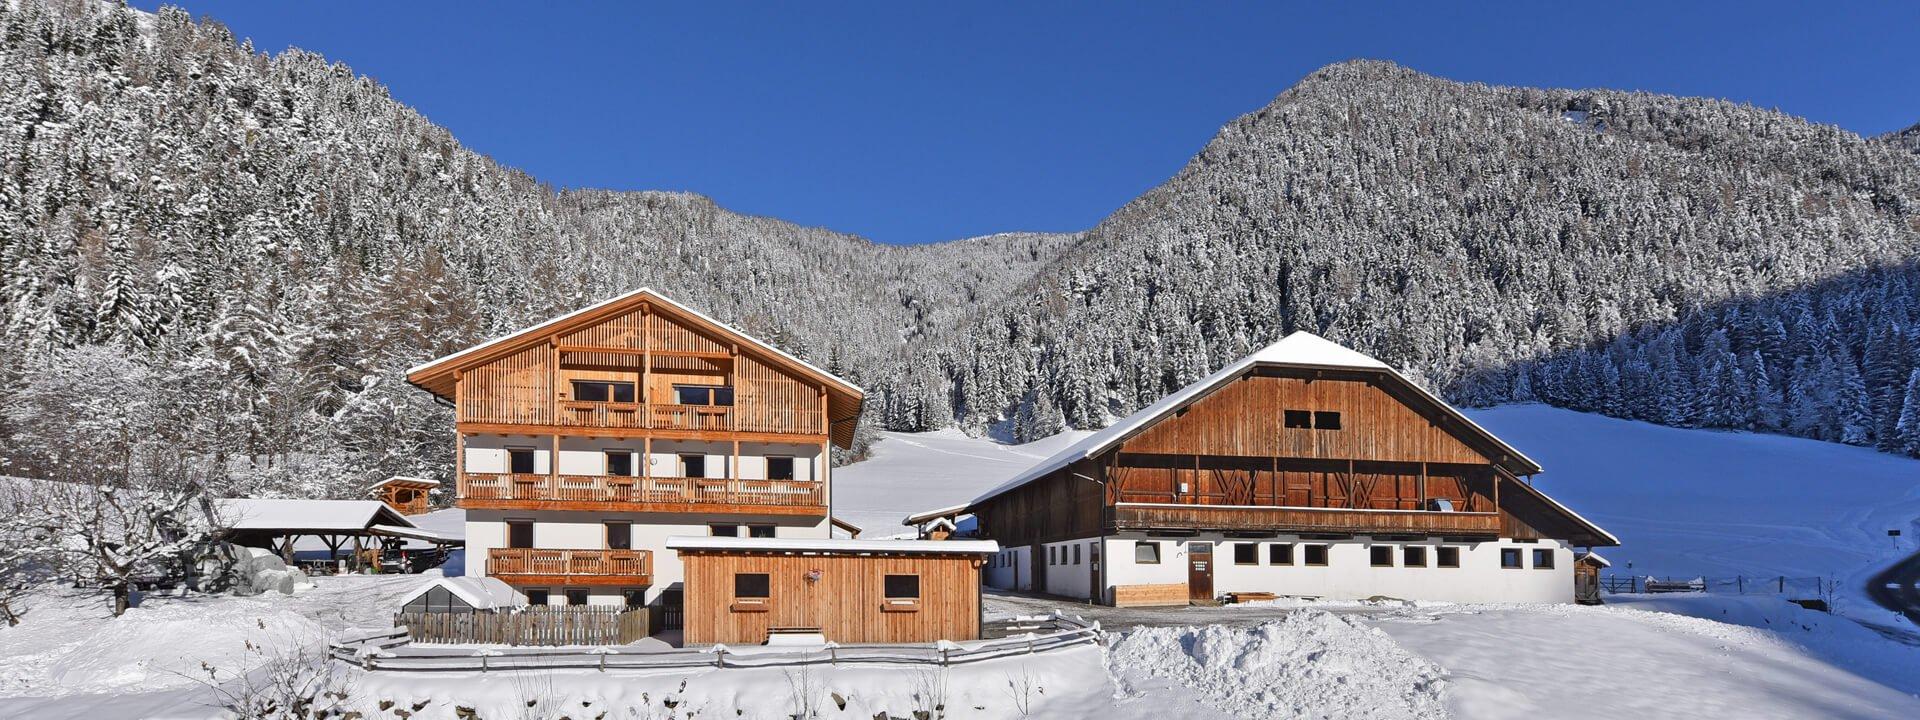 winterurlaub-auf-dem-bauernhof-suedtirol-01